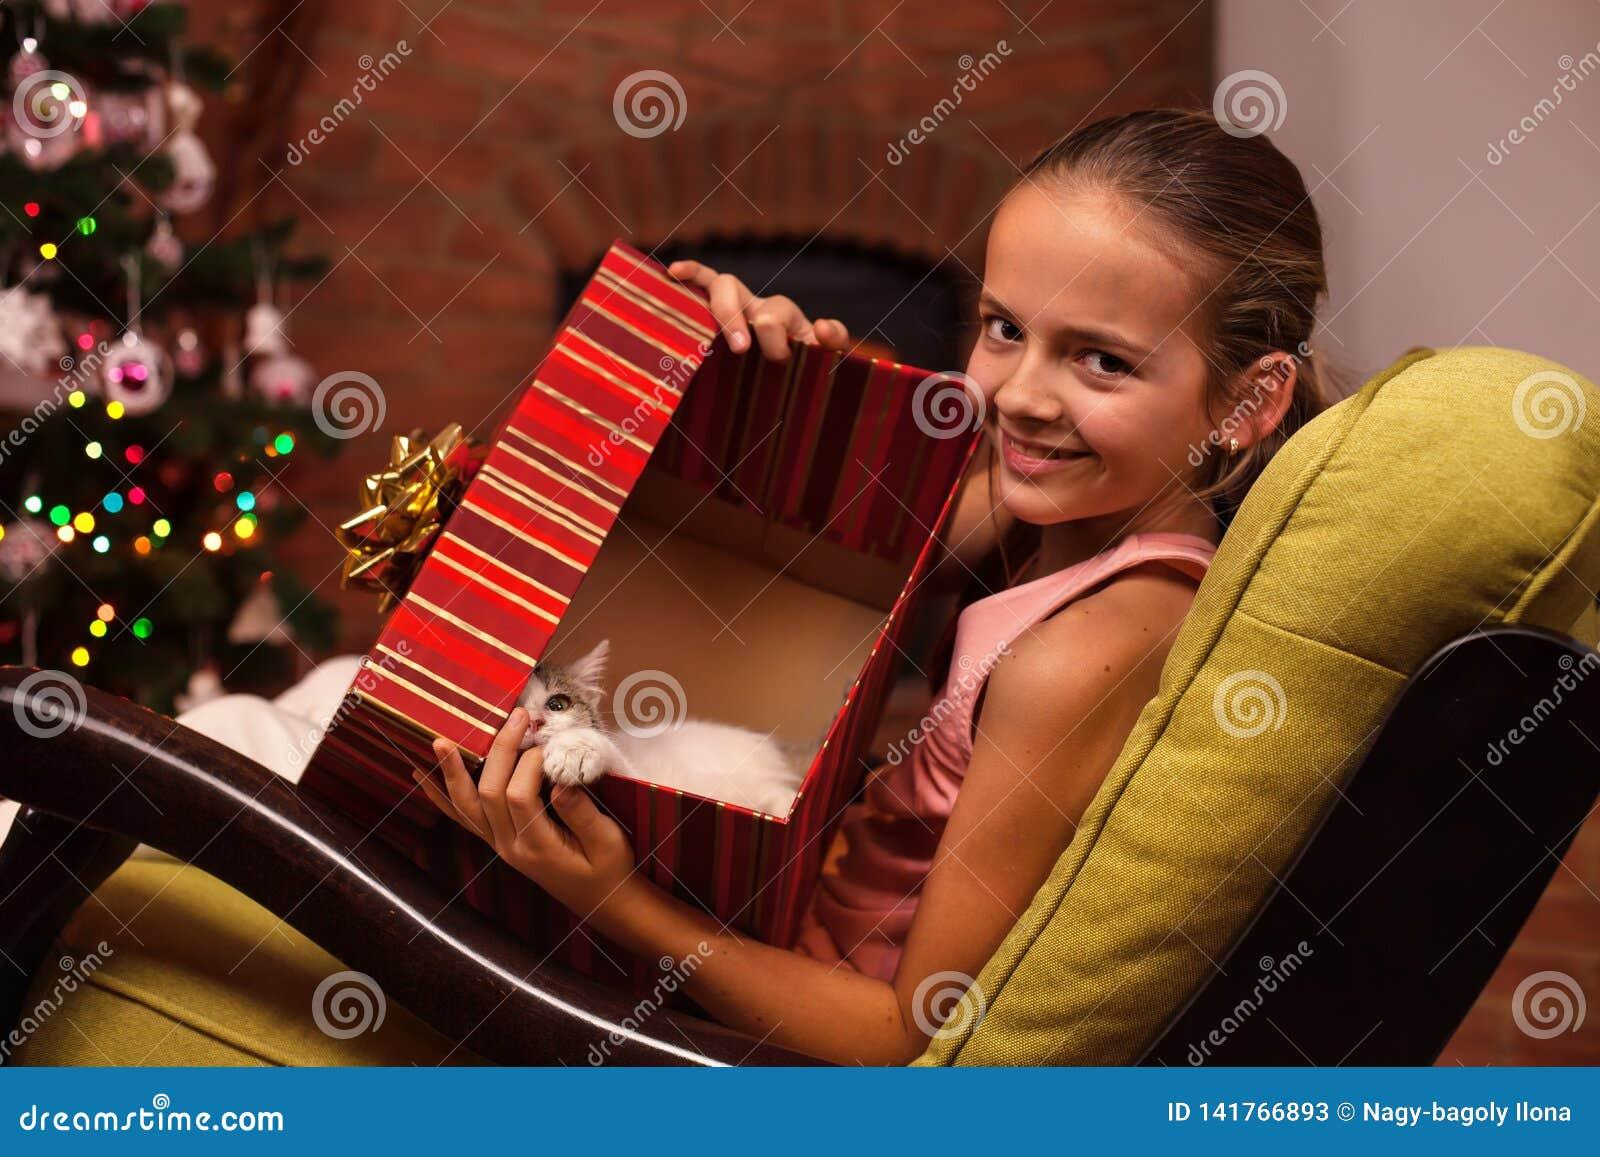 Jong meisje die haar Kerstmis huidig in een grote doos tonen - een leuk katje